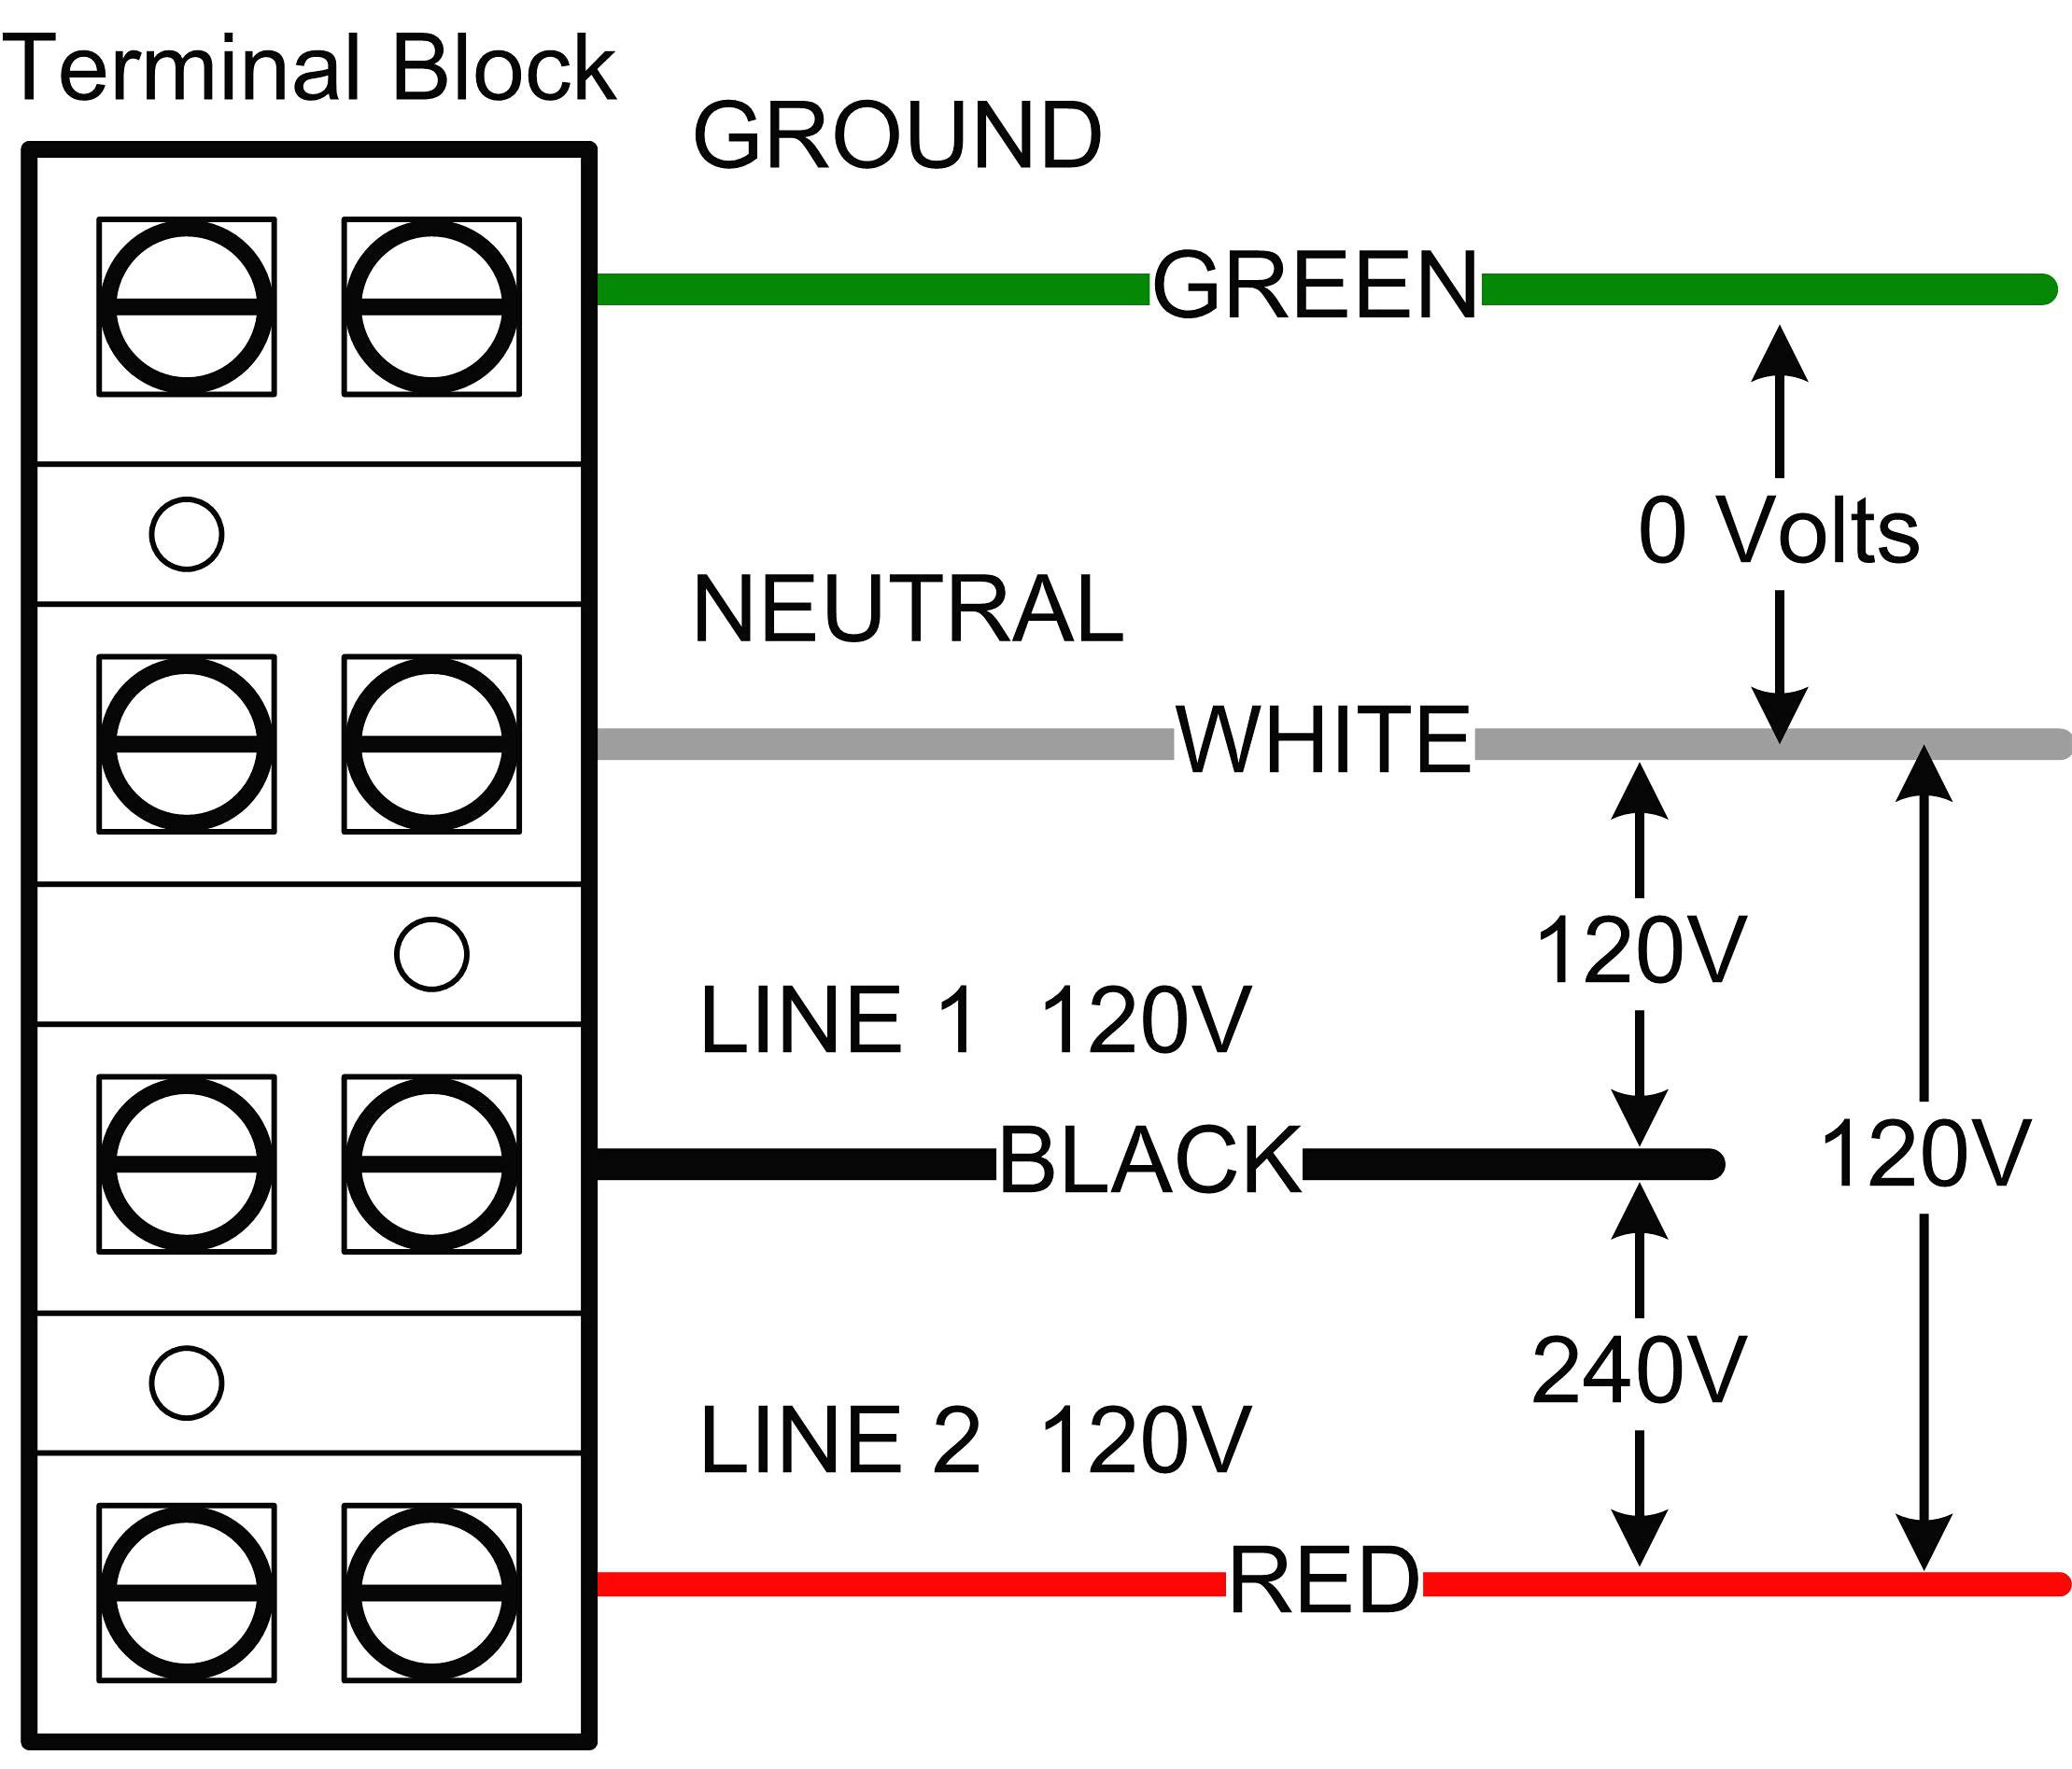 [DIAGRAM] 3 Phase Submersible Pump Wiring Diagram FULL